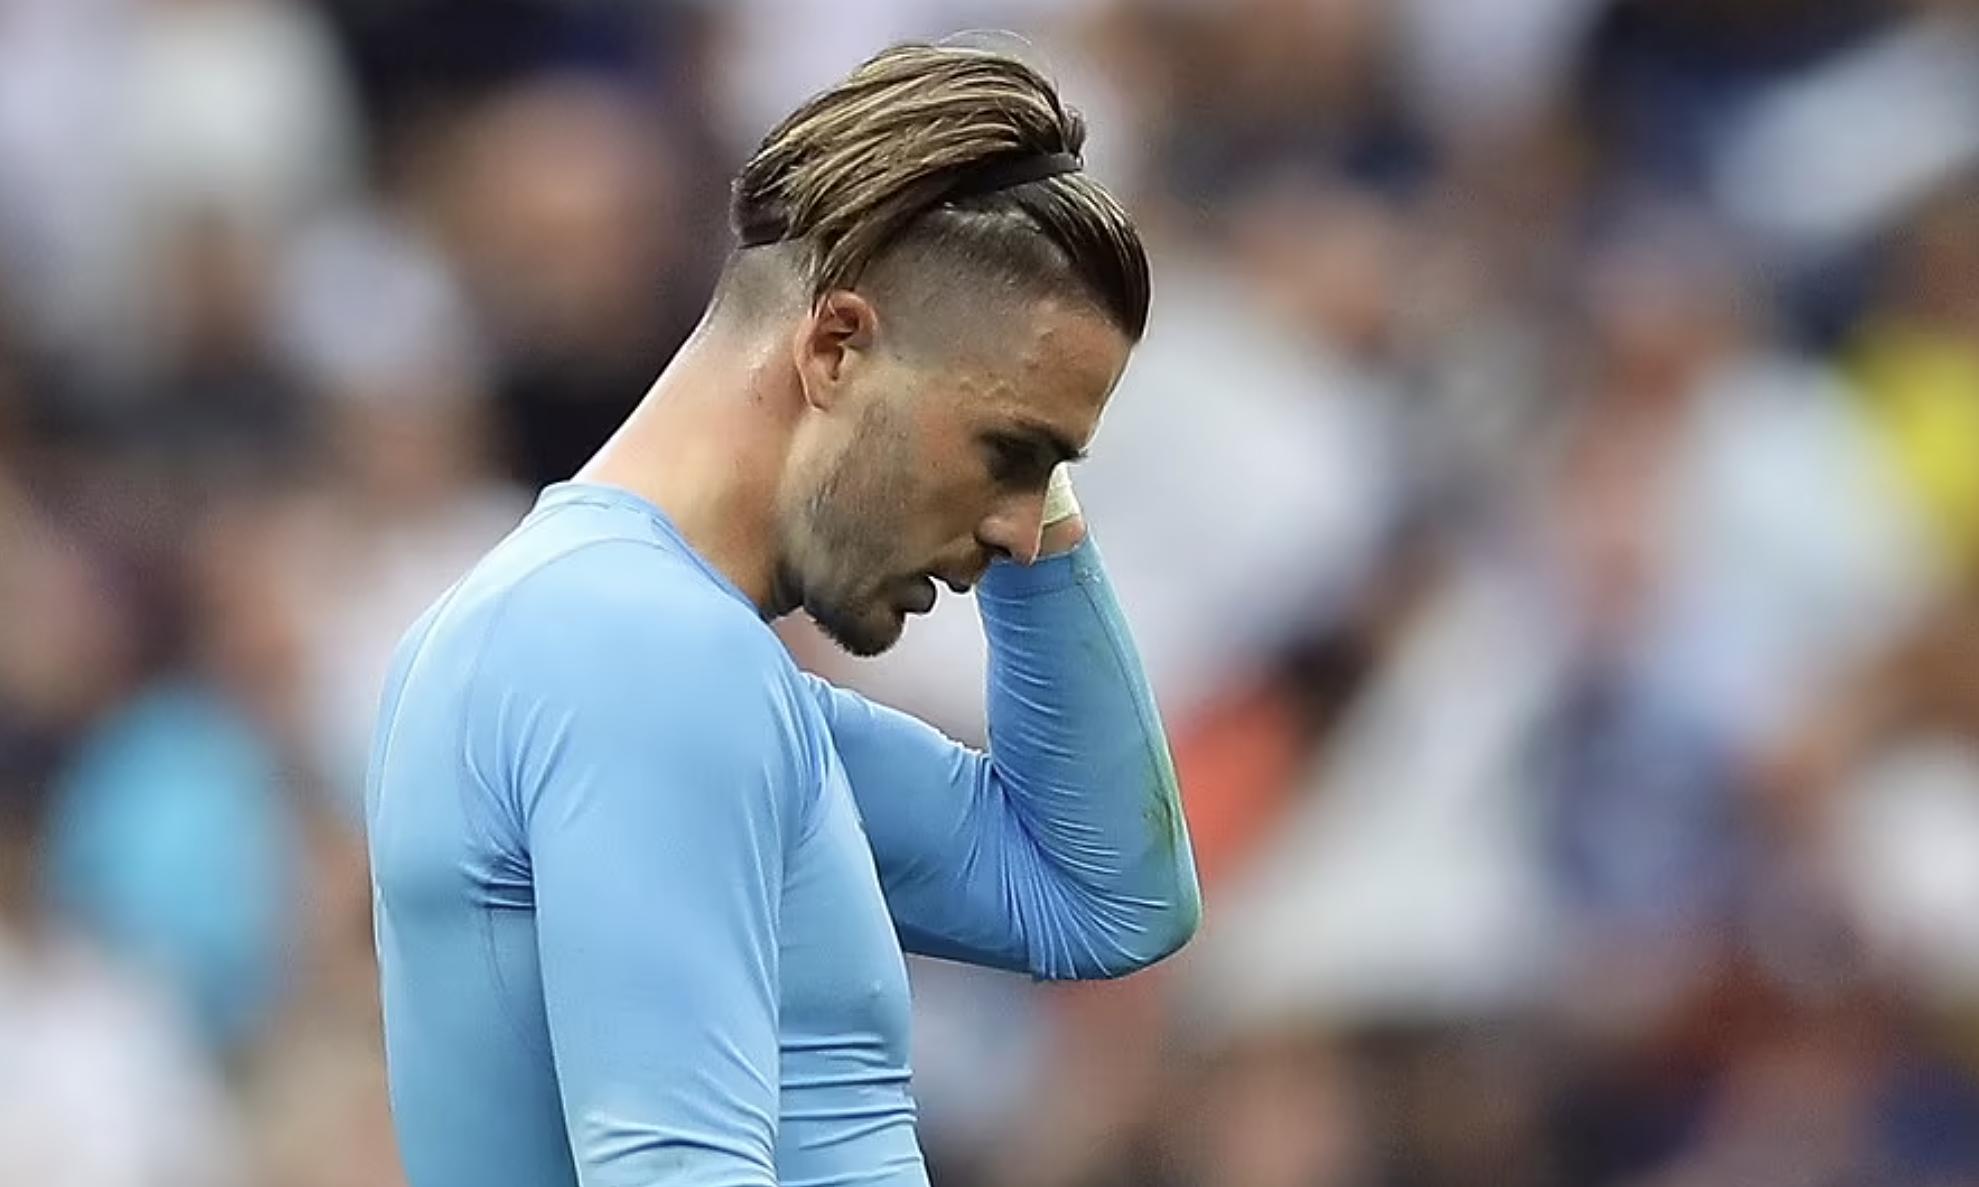 Tân binh 100 triệu bảng Jack Grealish chơi nỗ lực nhưng không thể giúp Man City ghi bàn. Ảnh: Reuters